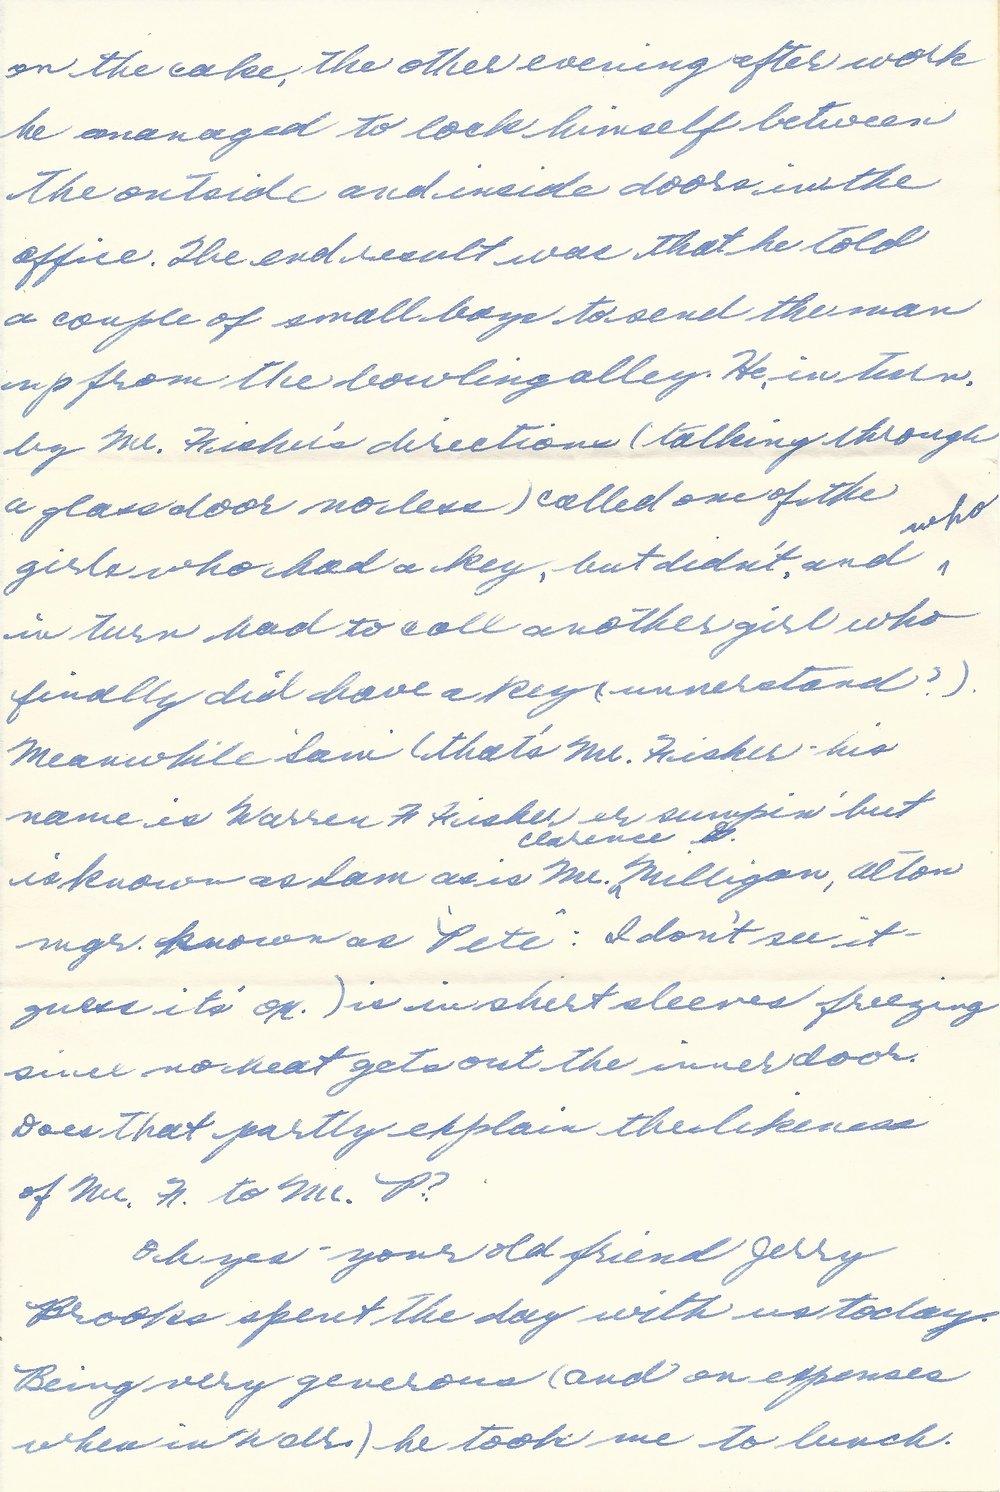 4. Dec. 16, 1952 (Oma)_Page_3.jpg